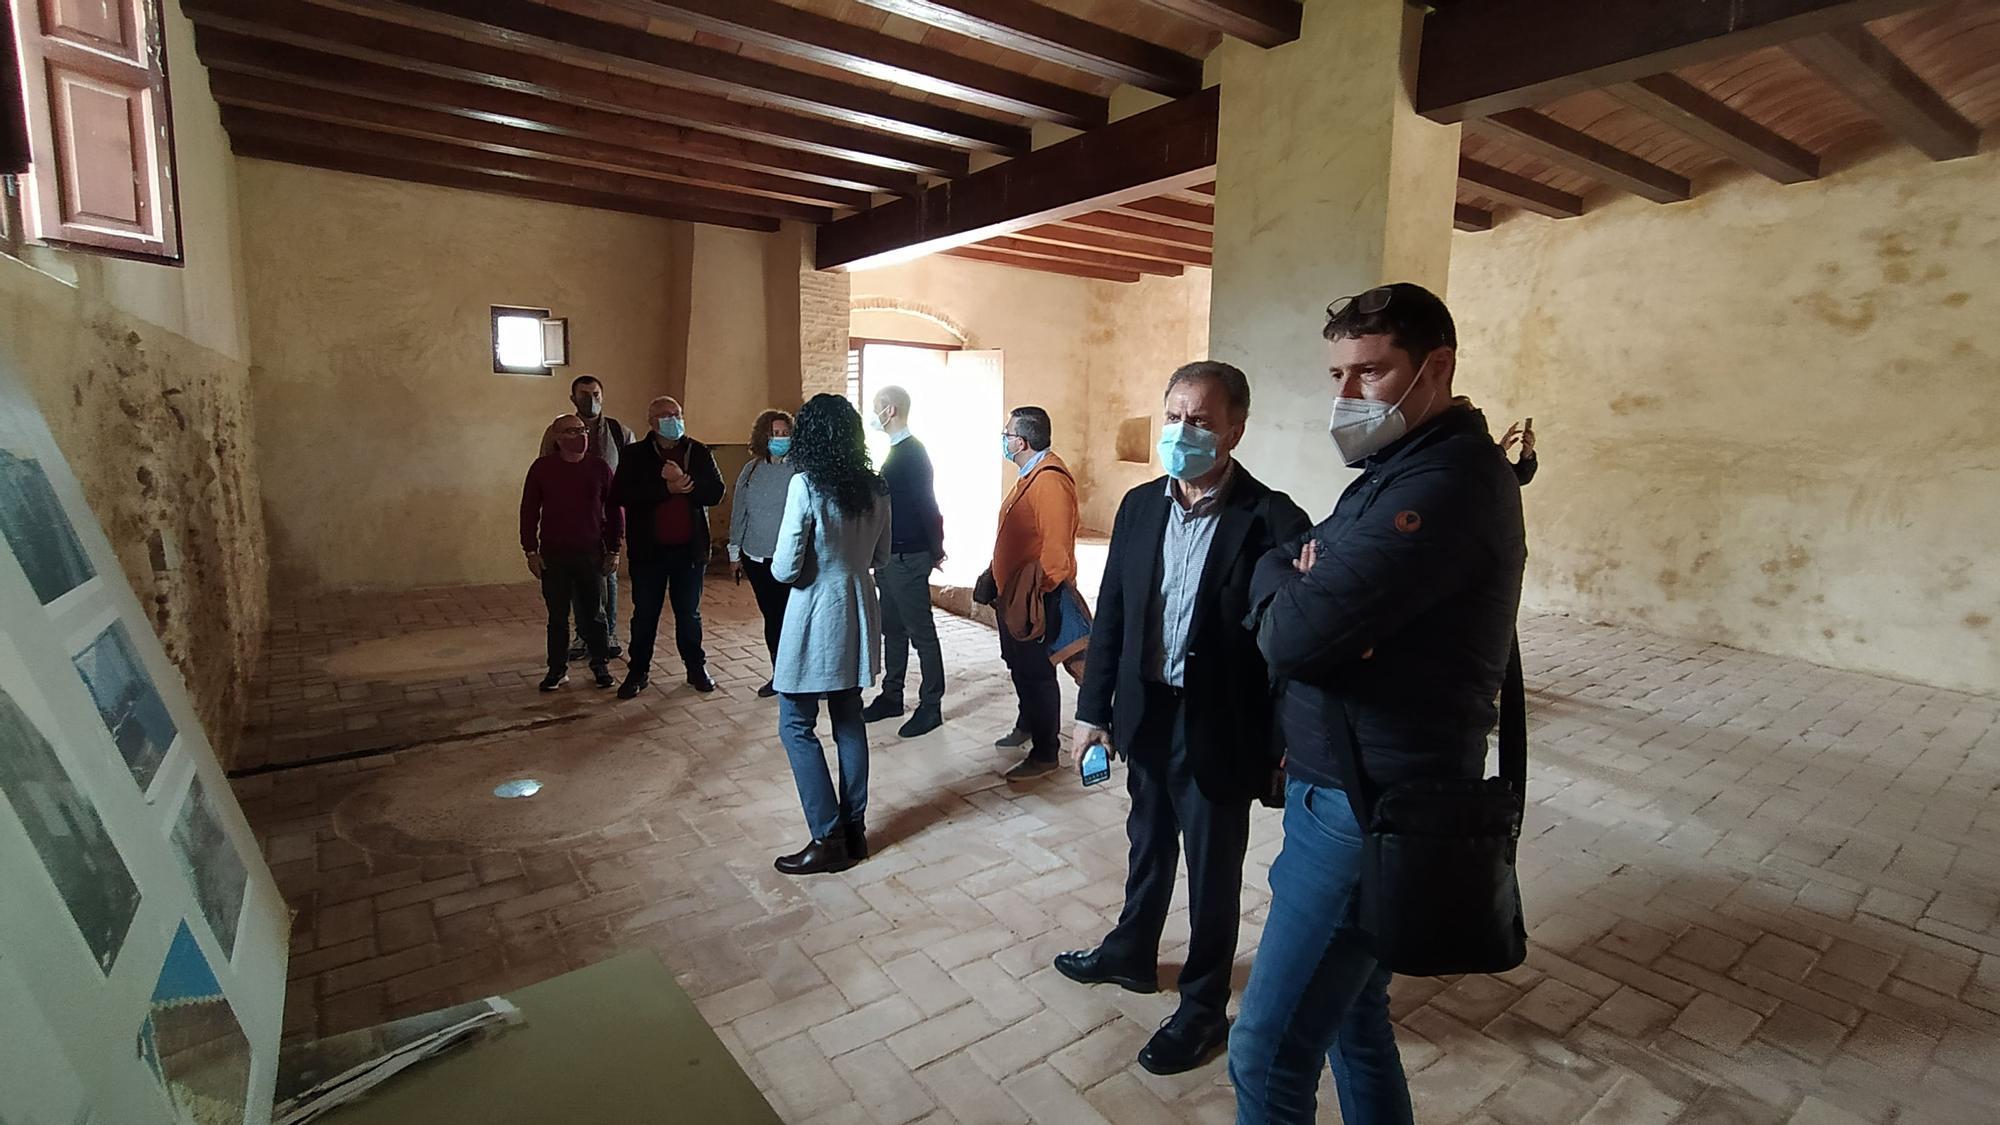 Visita de las autoridades al molino para conocer el proyecto para convertirlo en polo de atracción turística